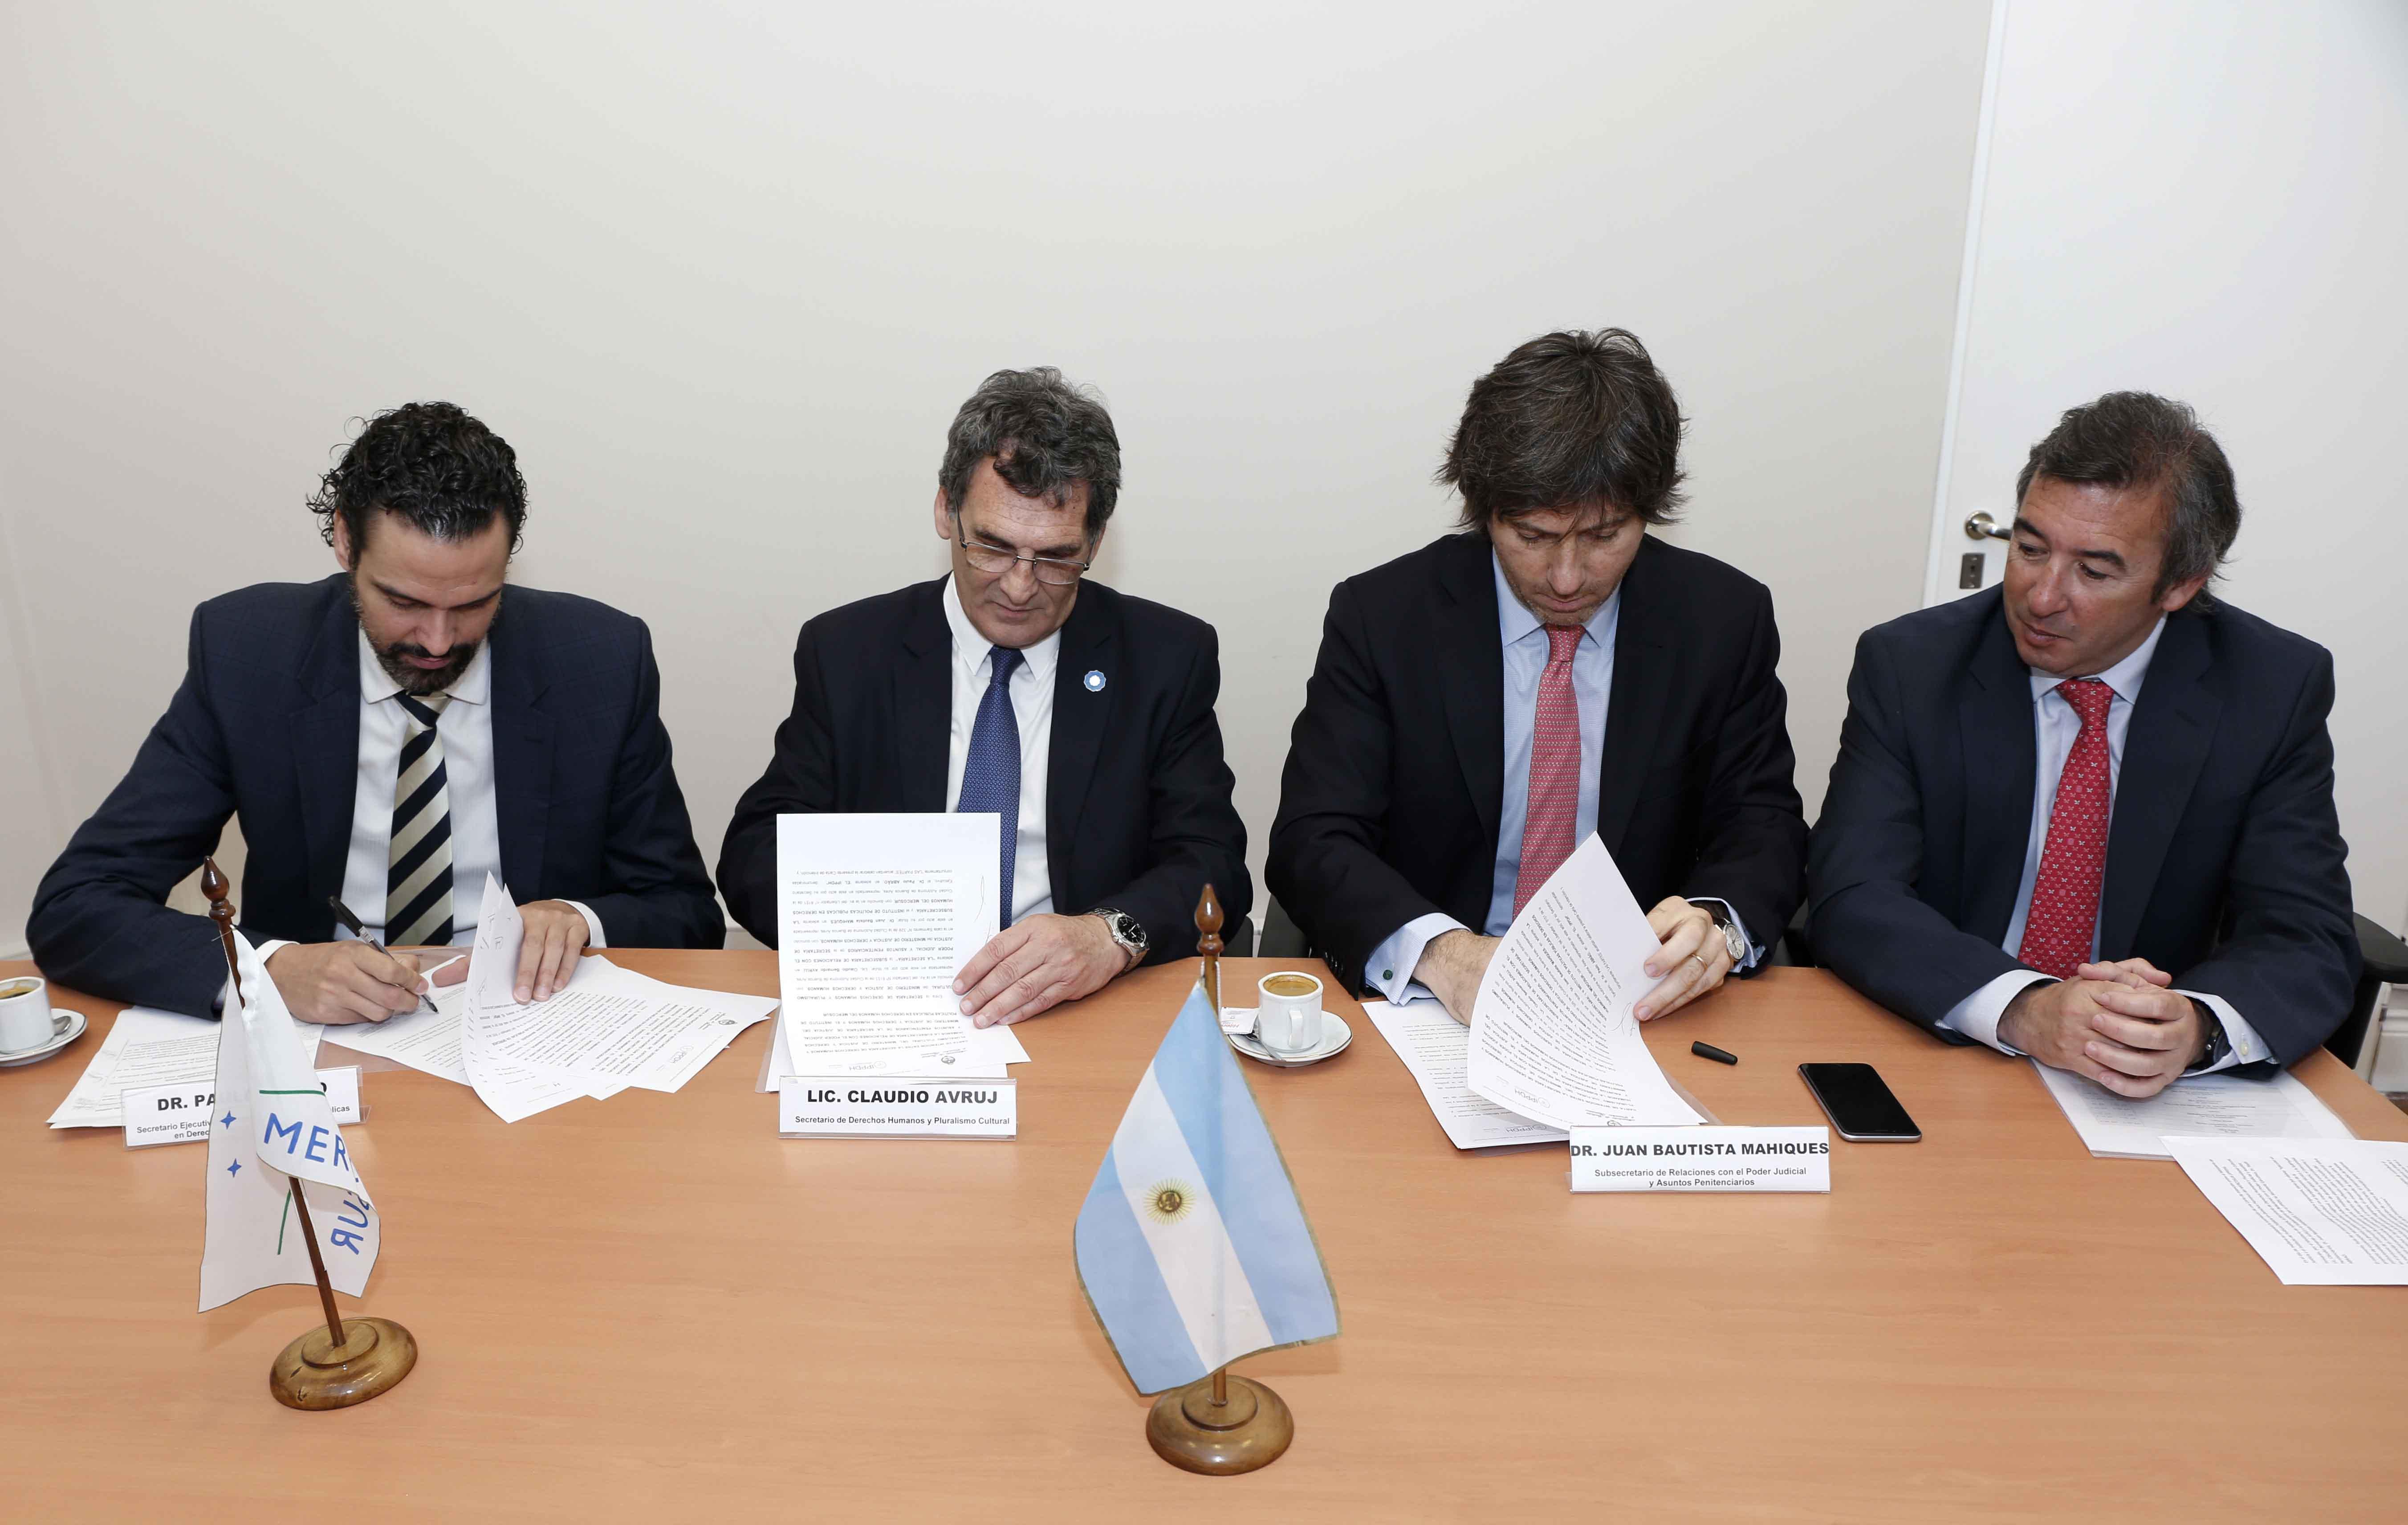 Acuerdo de cooperación entre el Ministerio y el Instituto de Políticas Públicas en Derechos Humanos del Mercosur